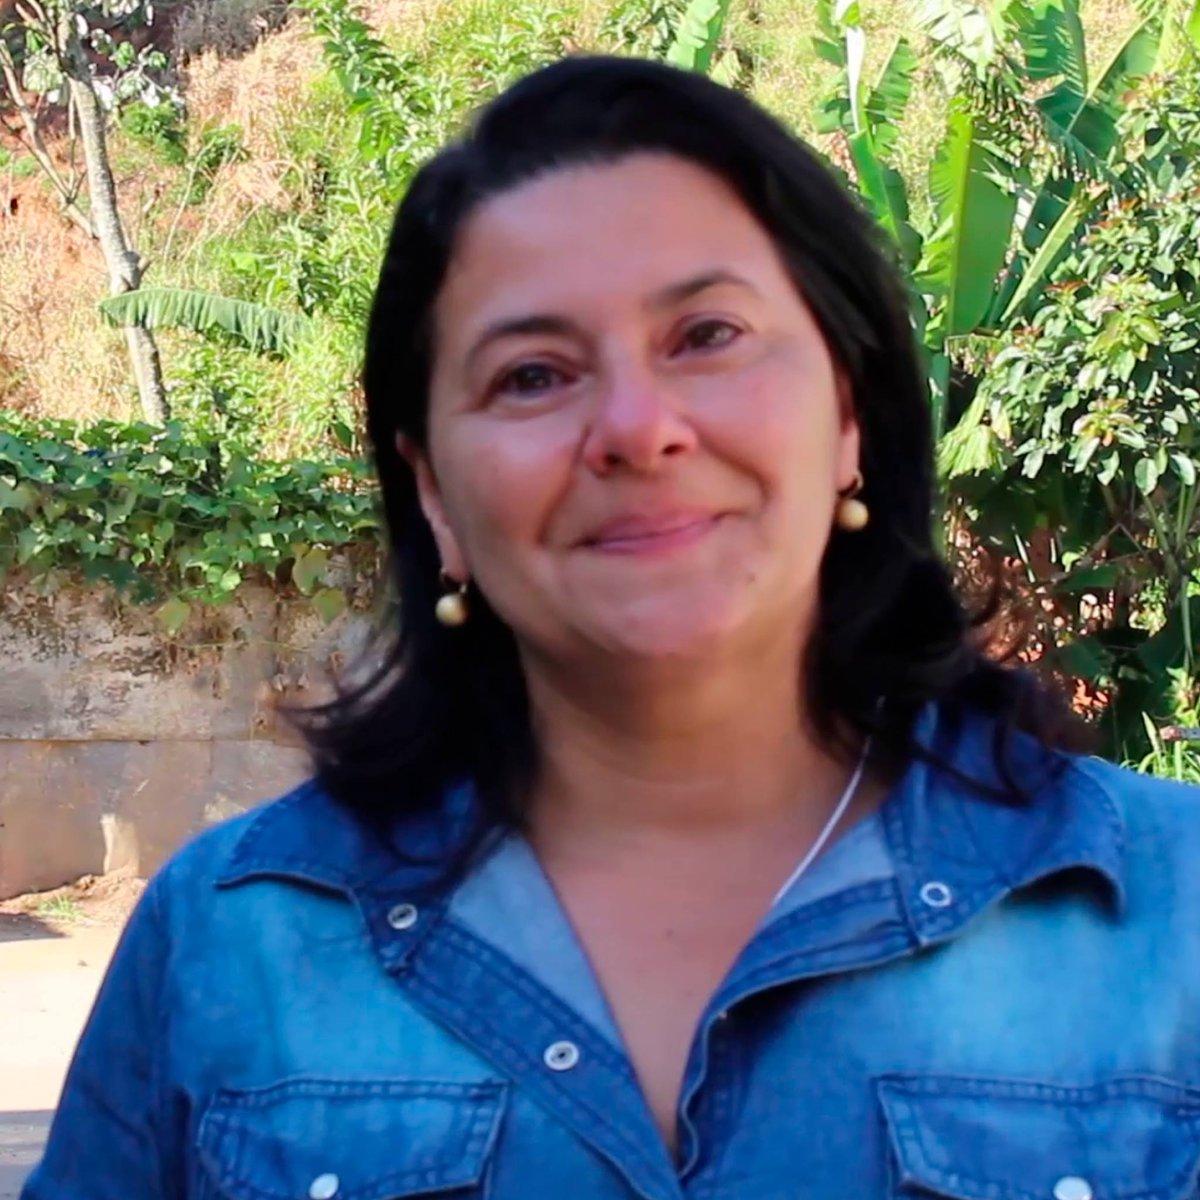 Miriam Neder de Assis Falce